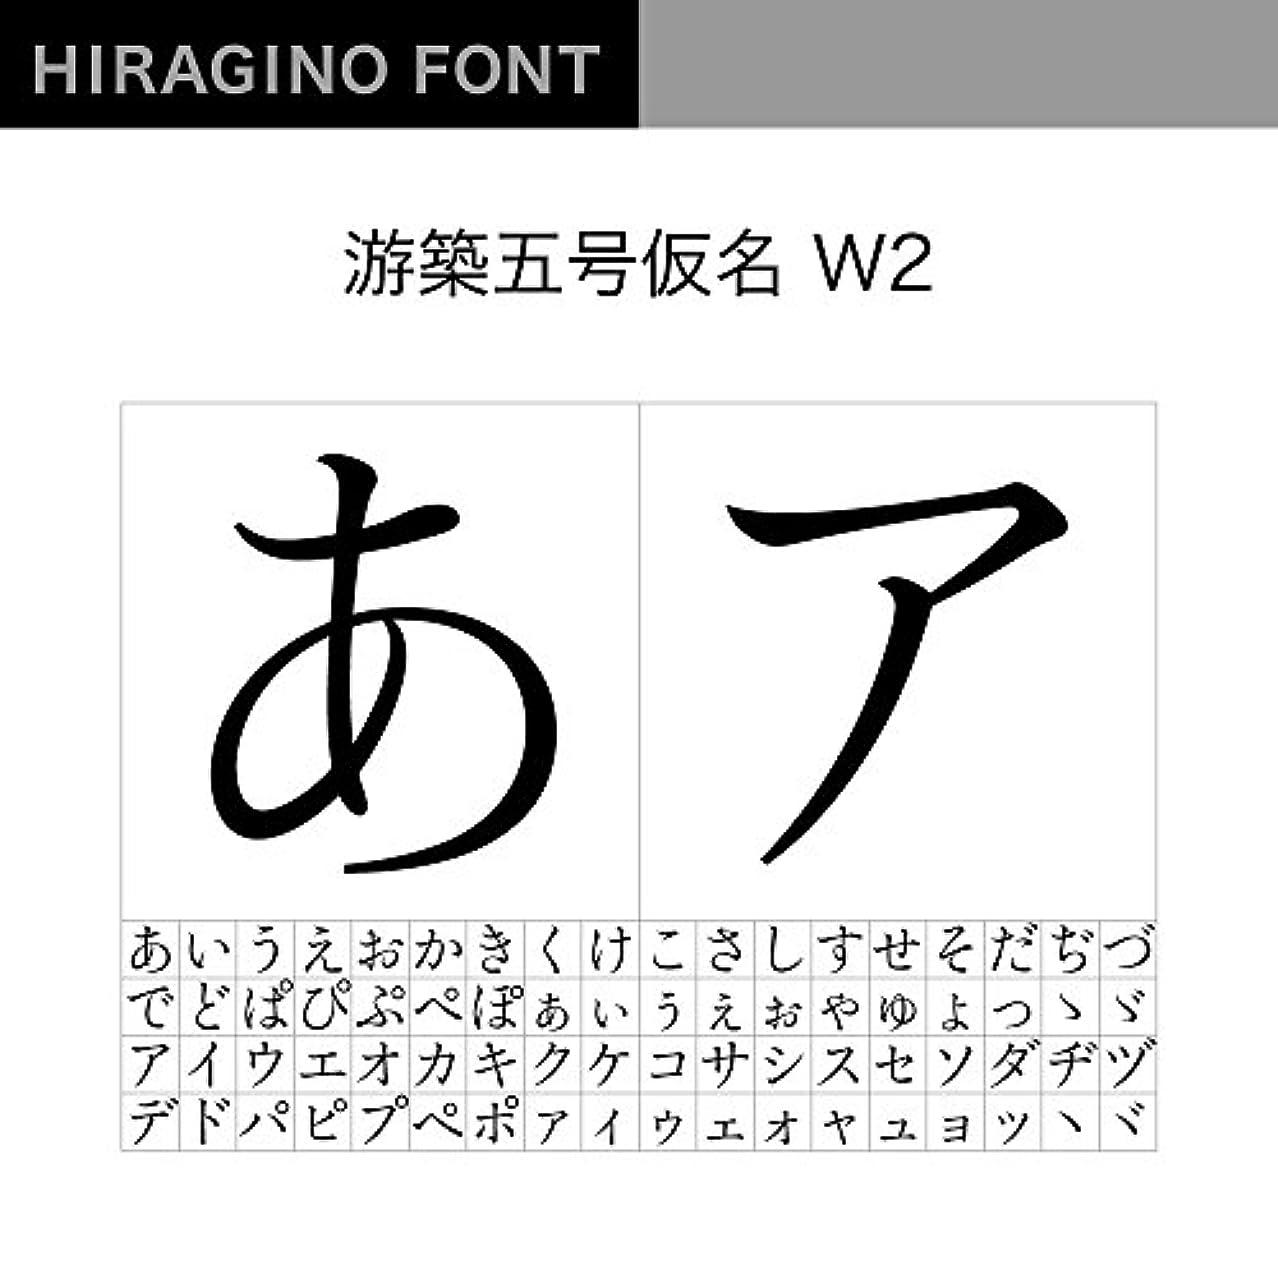 条件付き文法乳製品OpenType 游築五号仮名 W2 [ダウンロード]